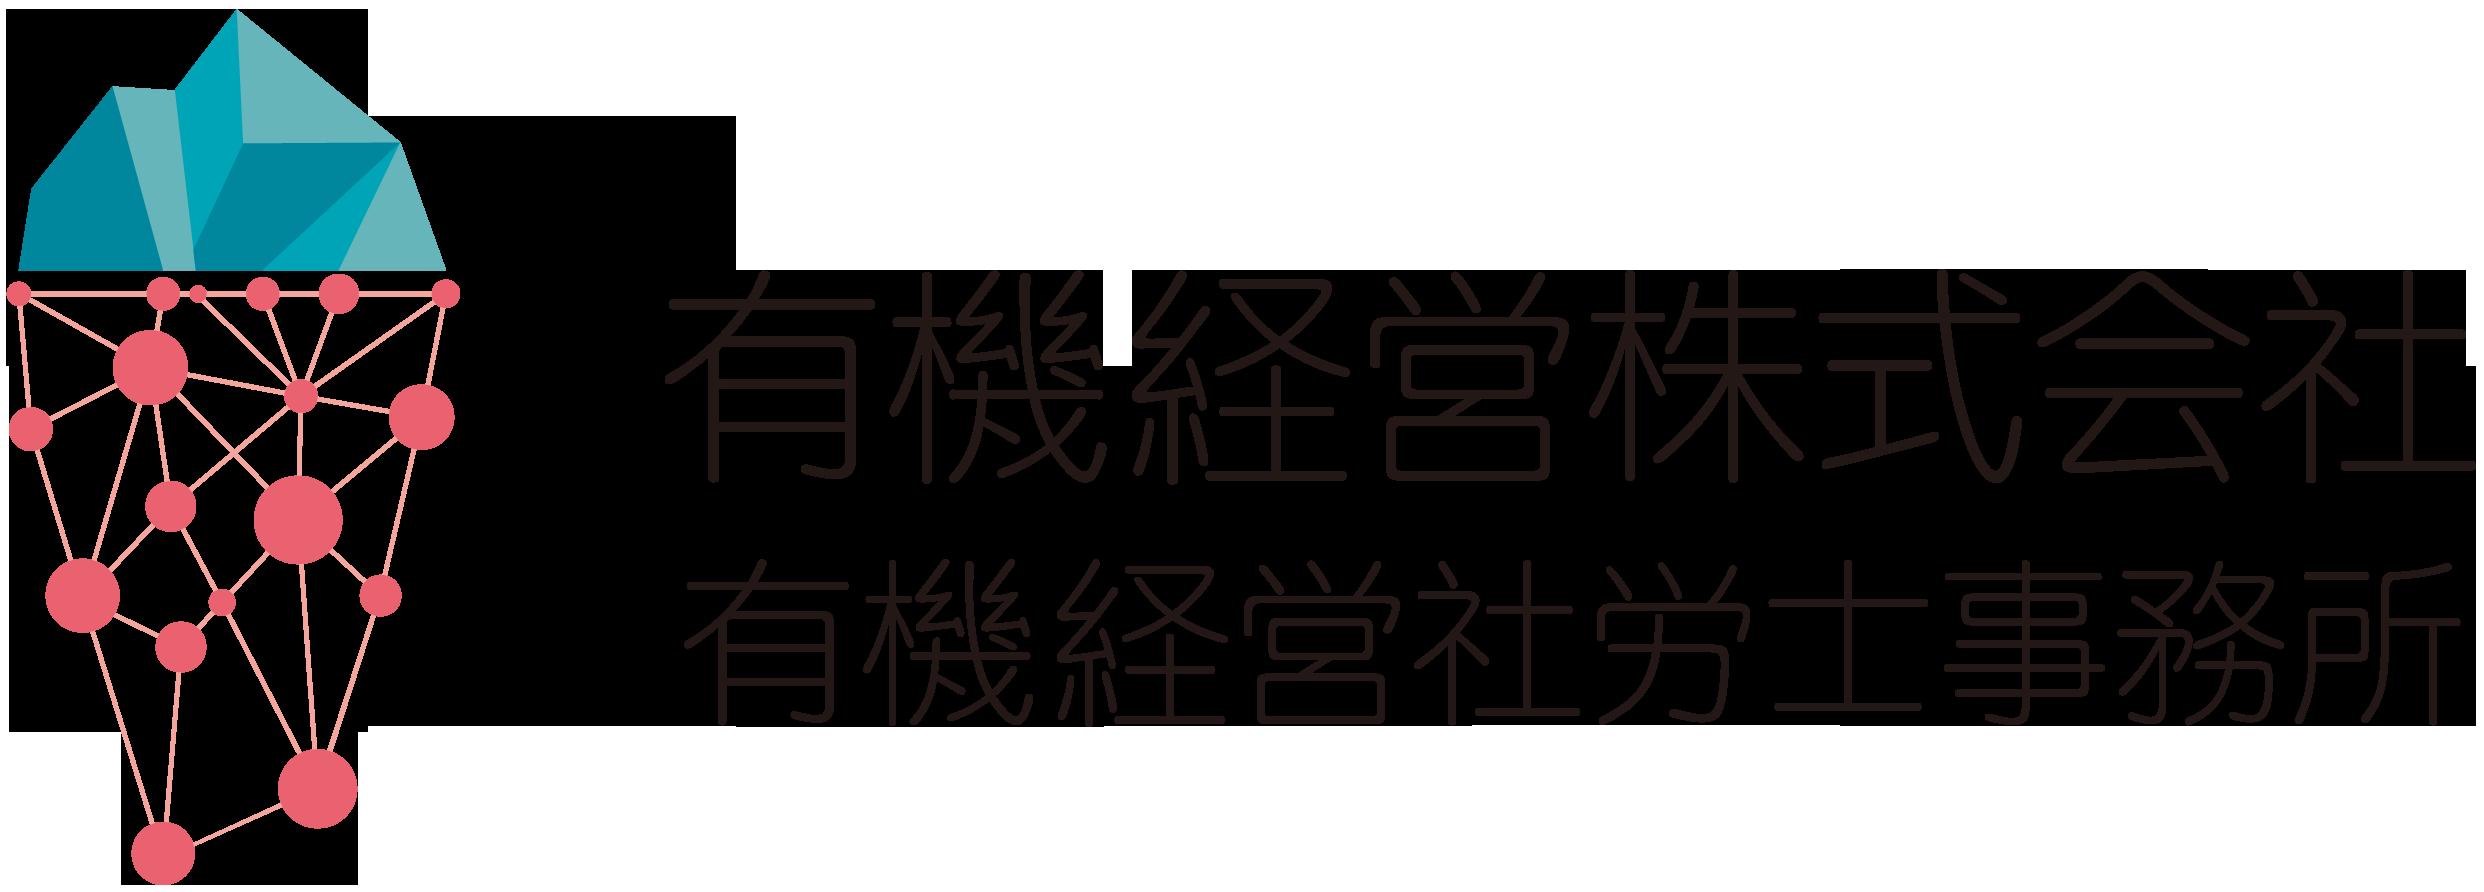 yukikeiei_logo_2019